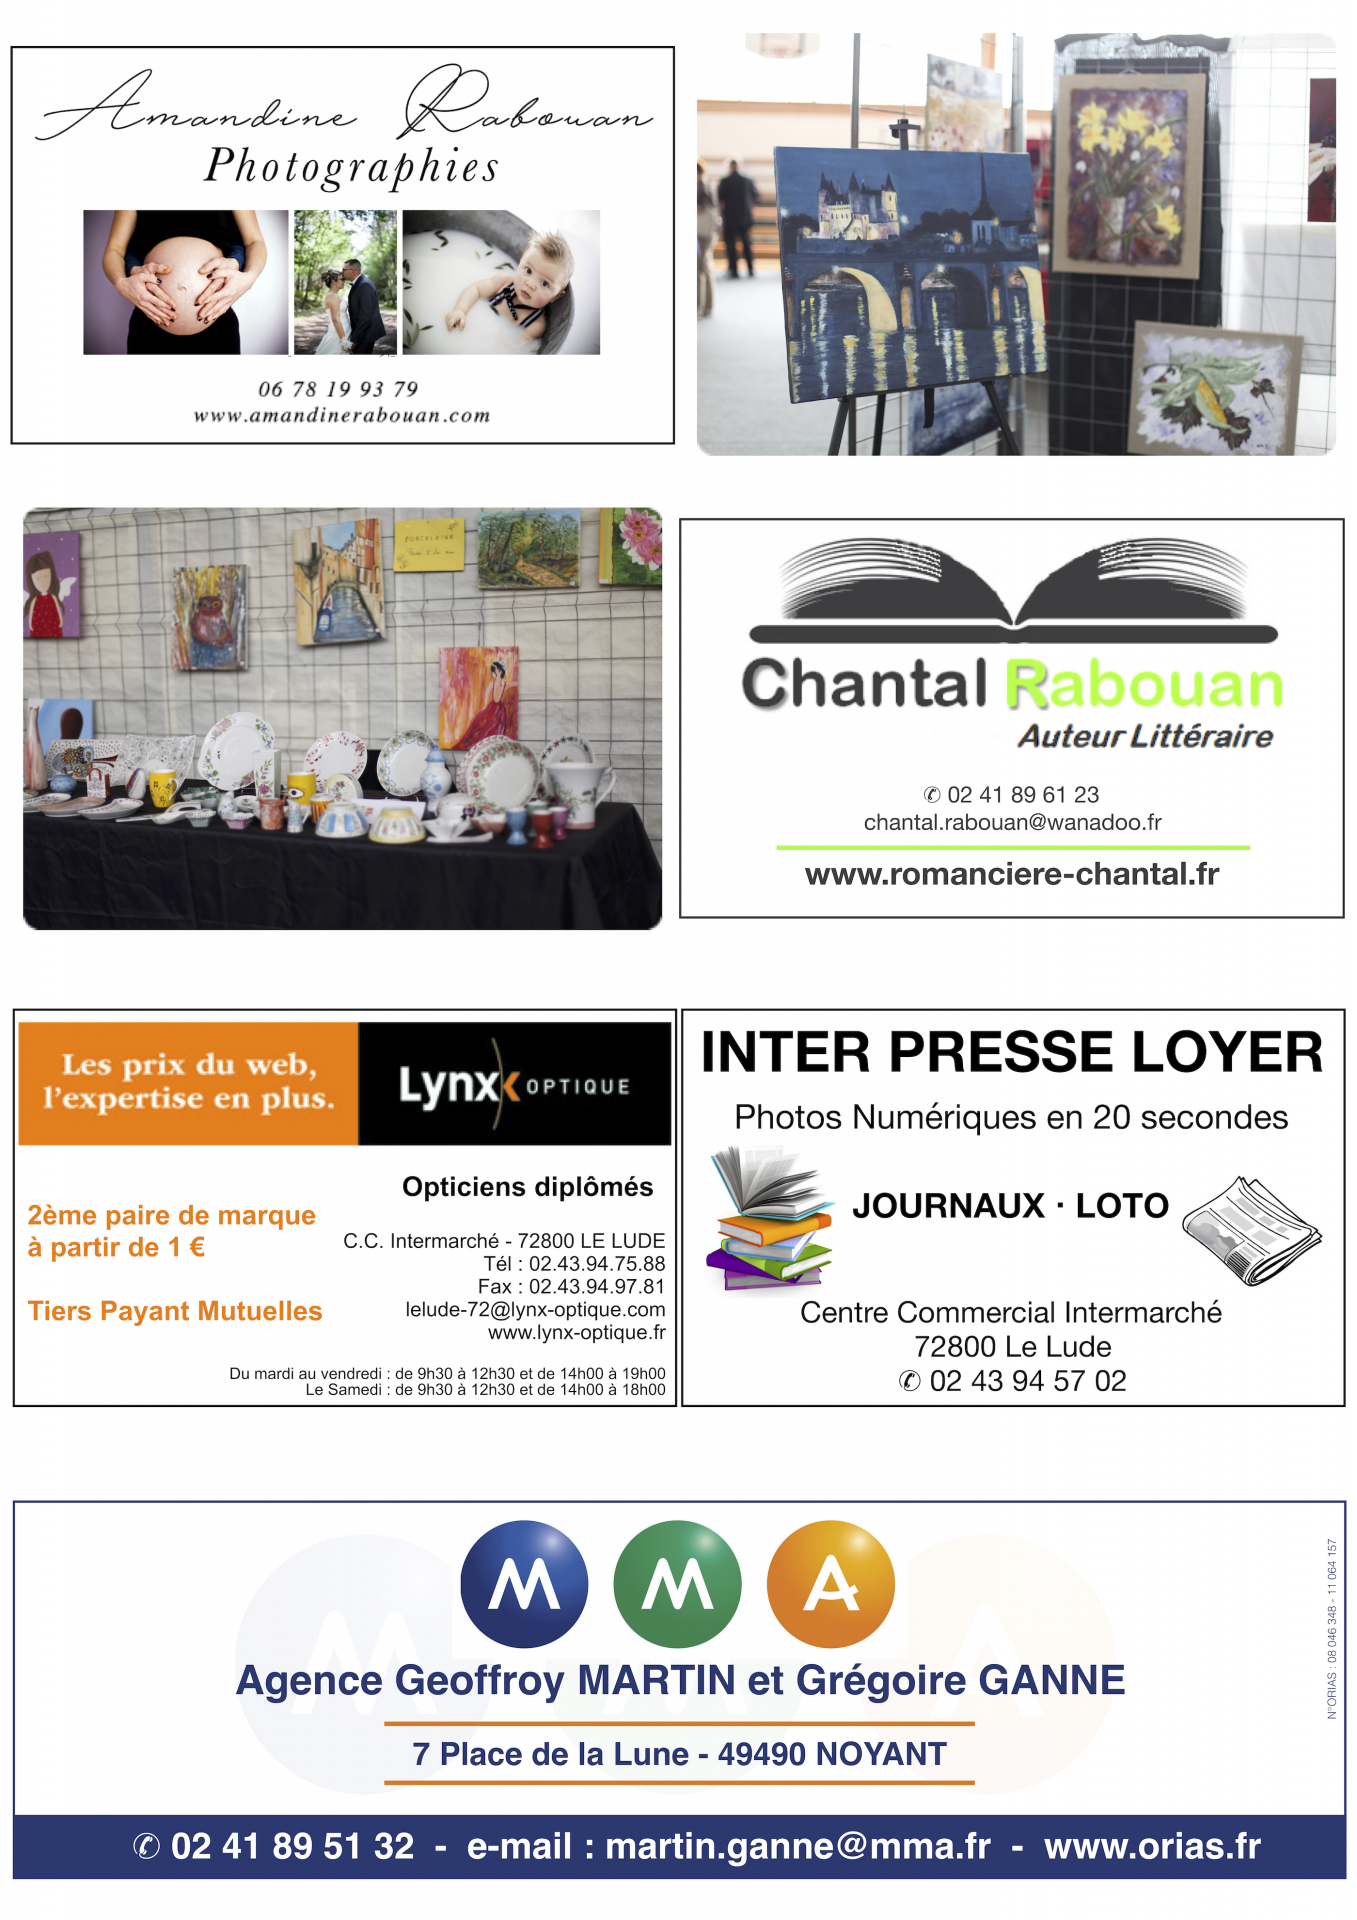 Partenaires 2019 - Journée Artistique et Littéraire Noyantaise